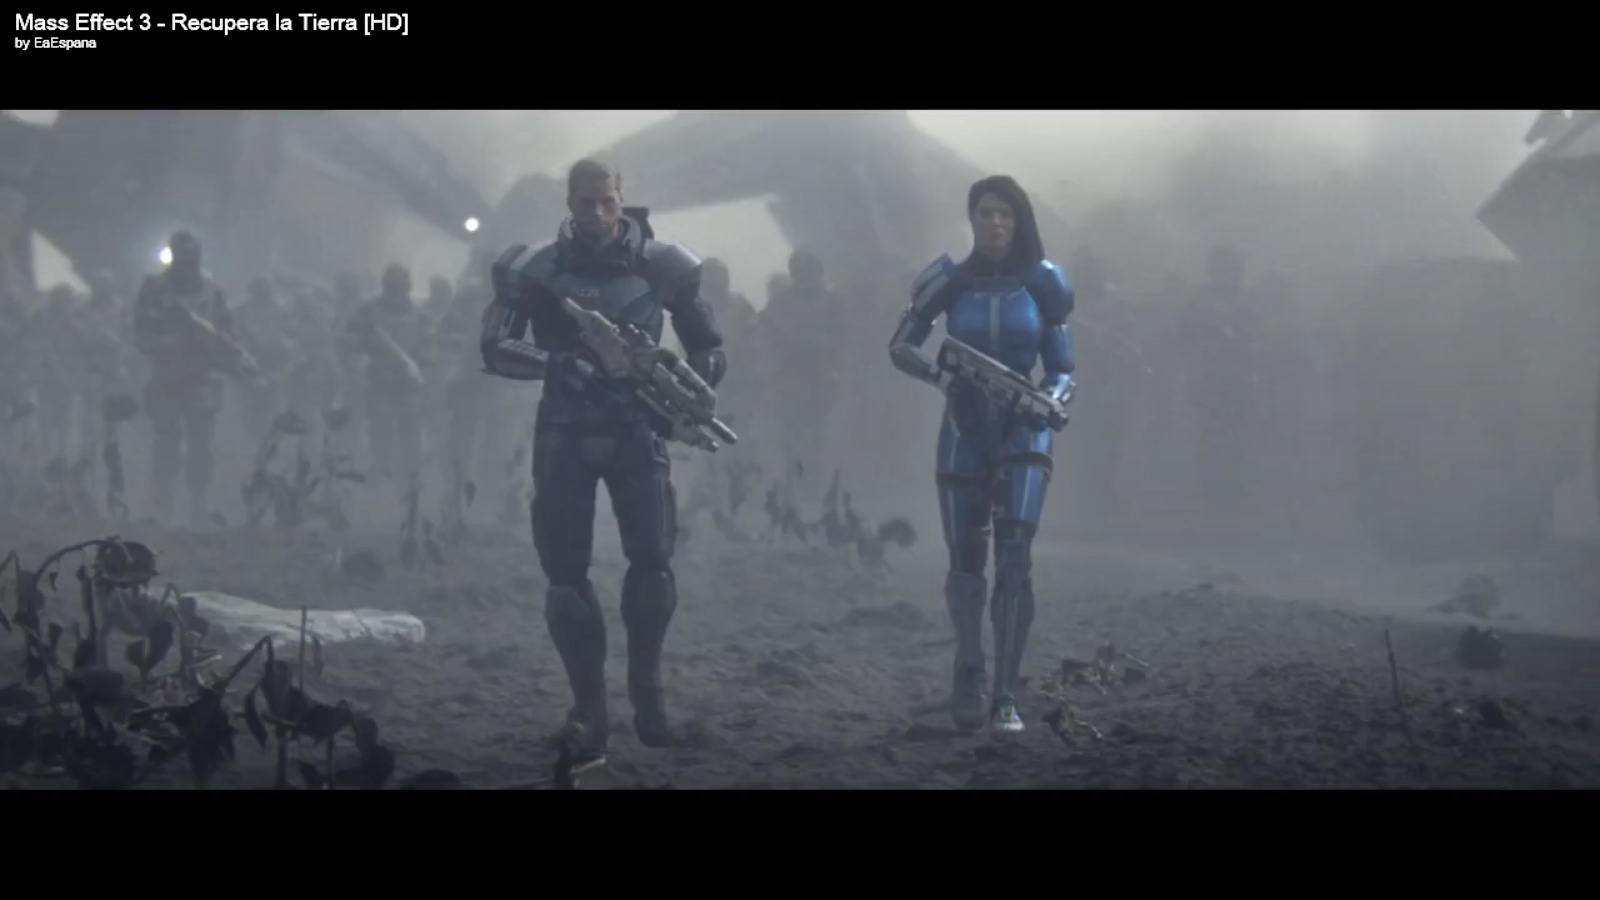 'Recupera la Tierra', nuevo tráiler cinemático de Mass Effect 3